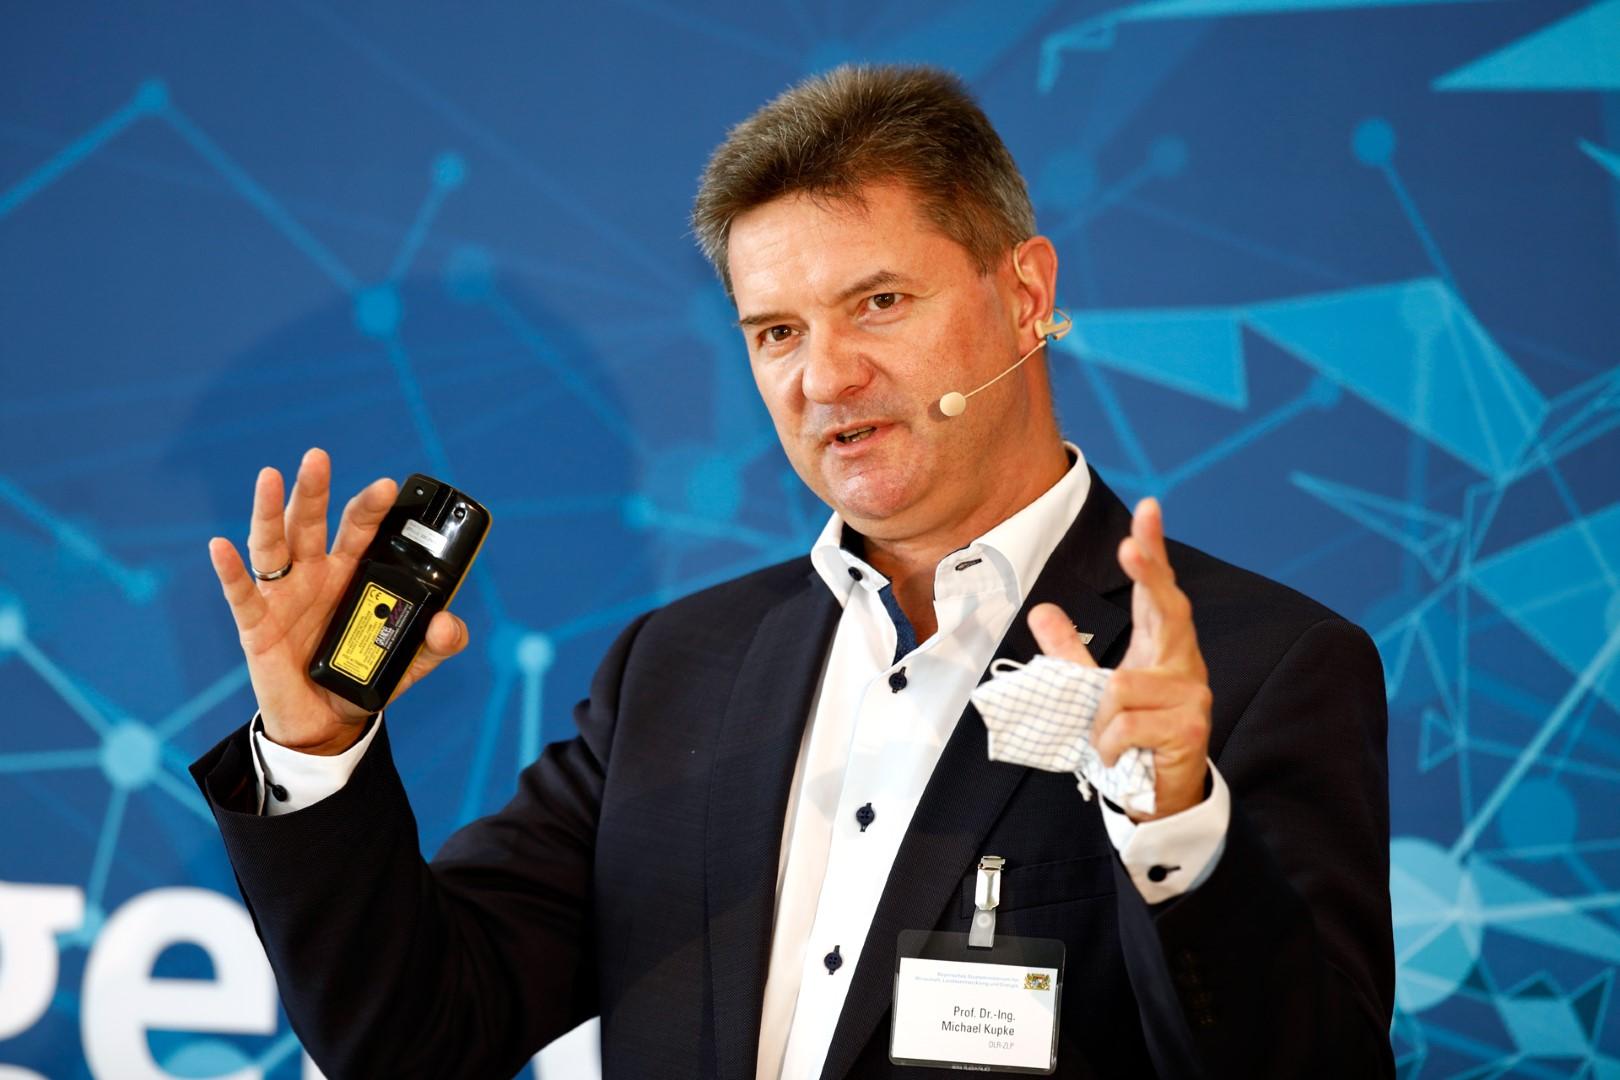 """Prof. Dr.-Ing. Michael Kupke, Deutsches Zentrum für Luft- und Raumfahrt (DLR), bei der Veranstaltung zur """"Hightech Agenda Plus"""" in Augsburg."""